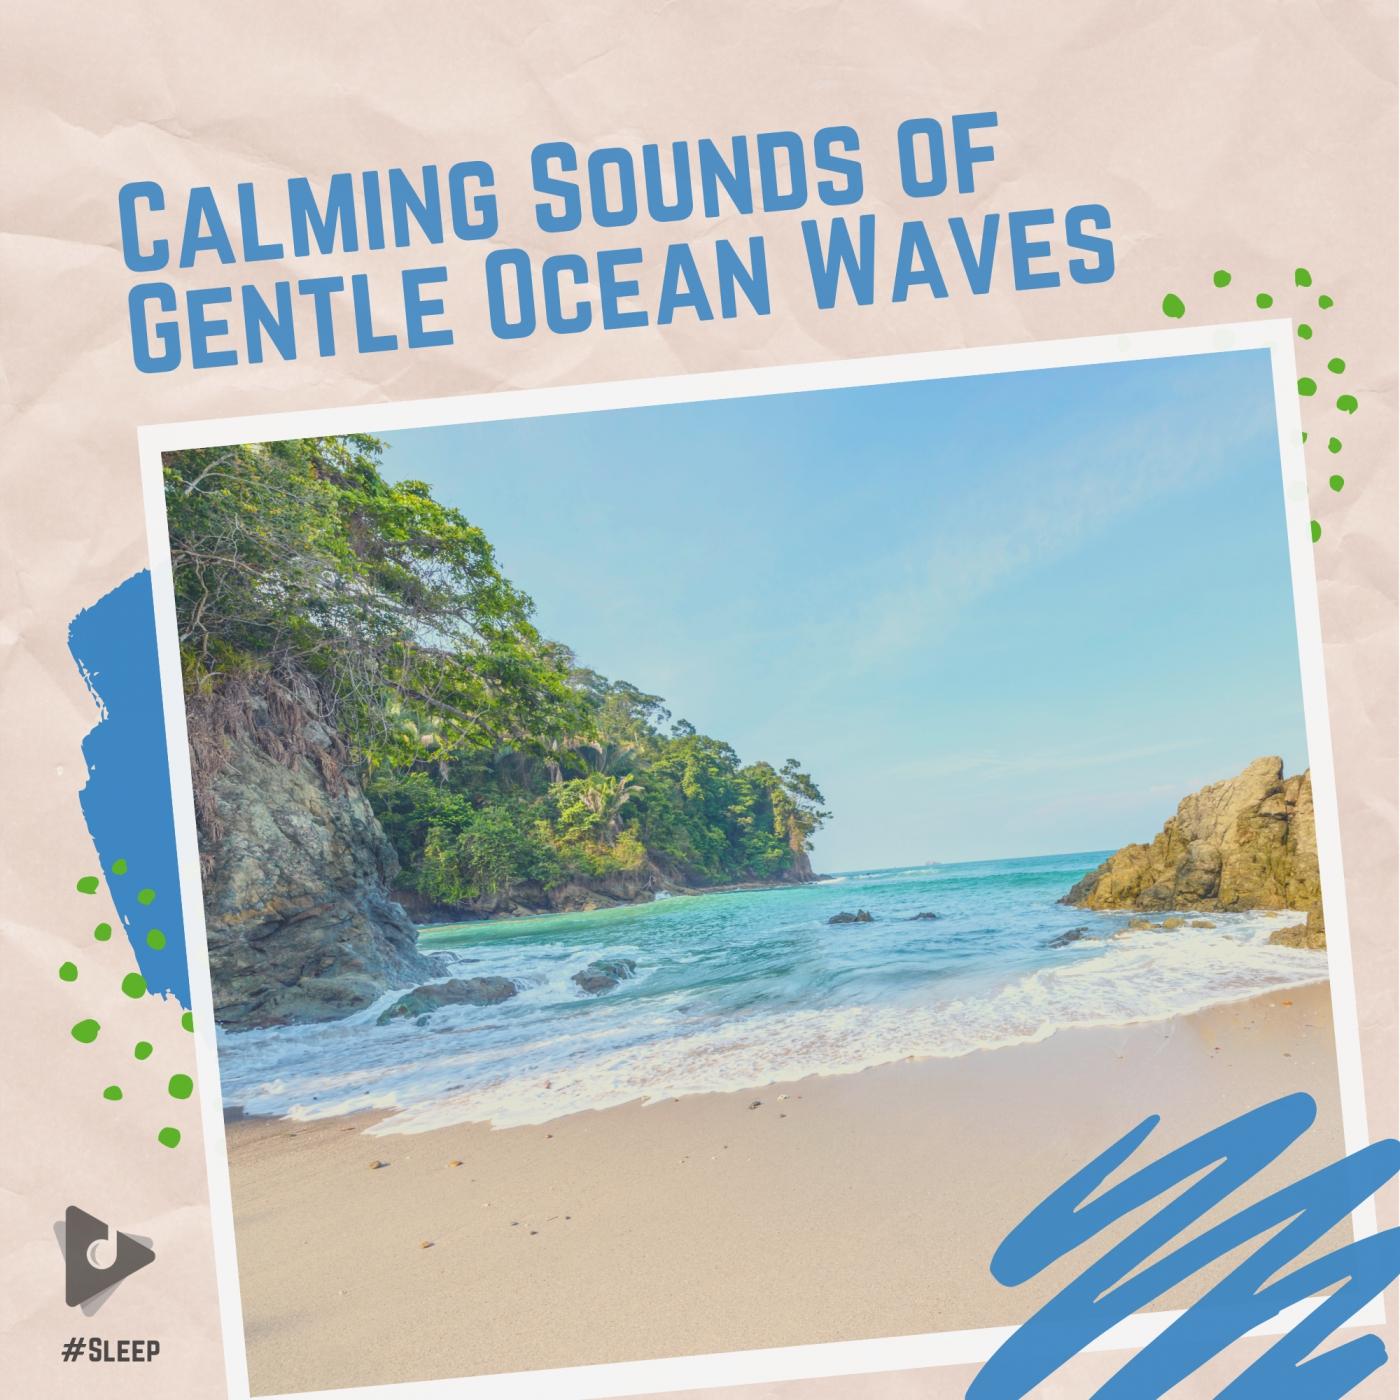 Calming Sounds of Gentle Ocean Waves